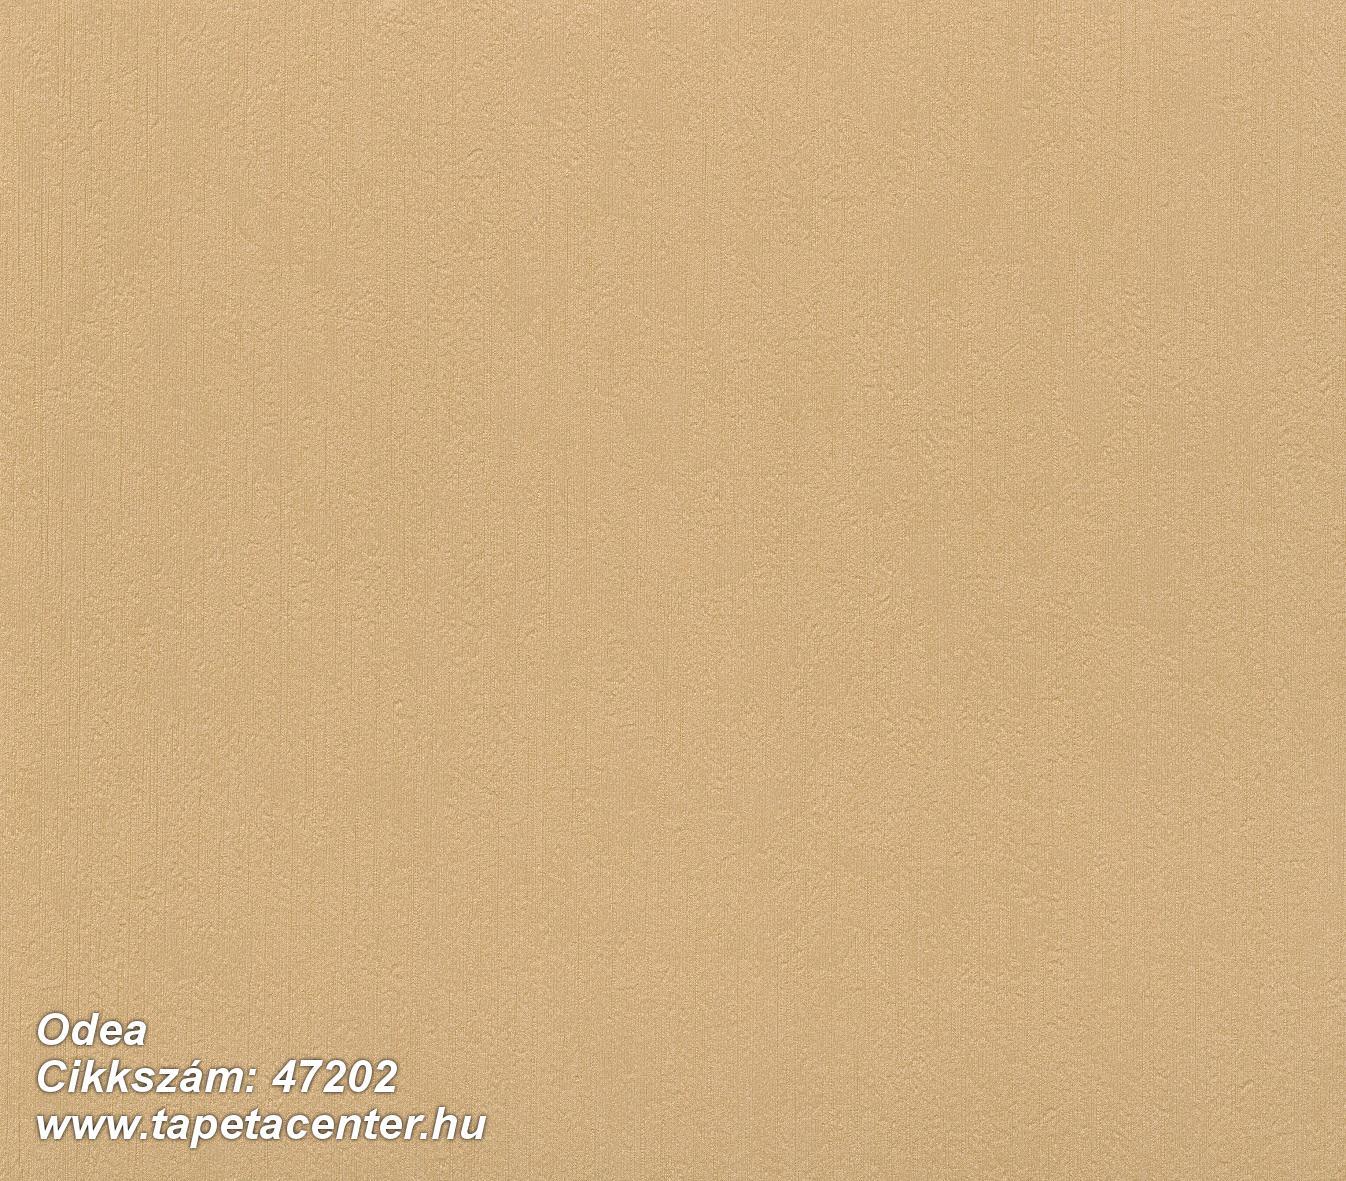 Odea - 47202 Olasz tapéta